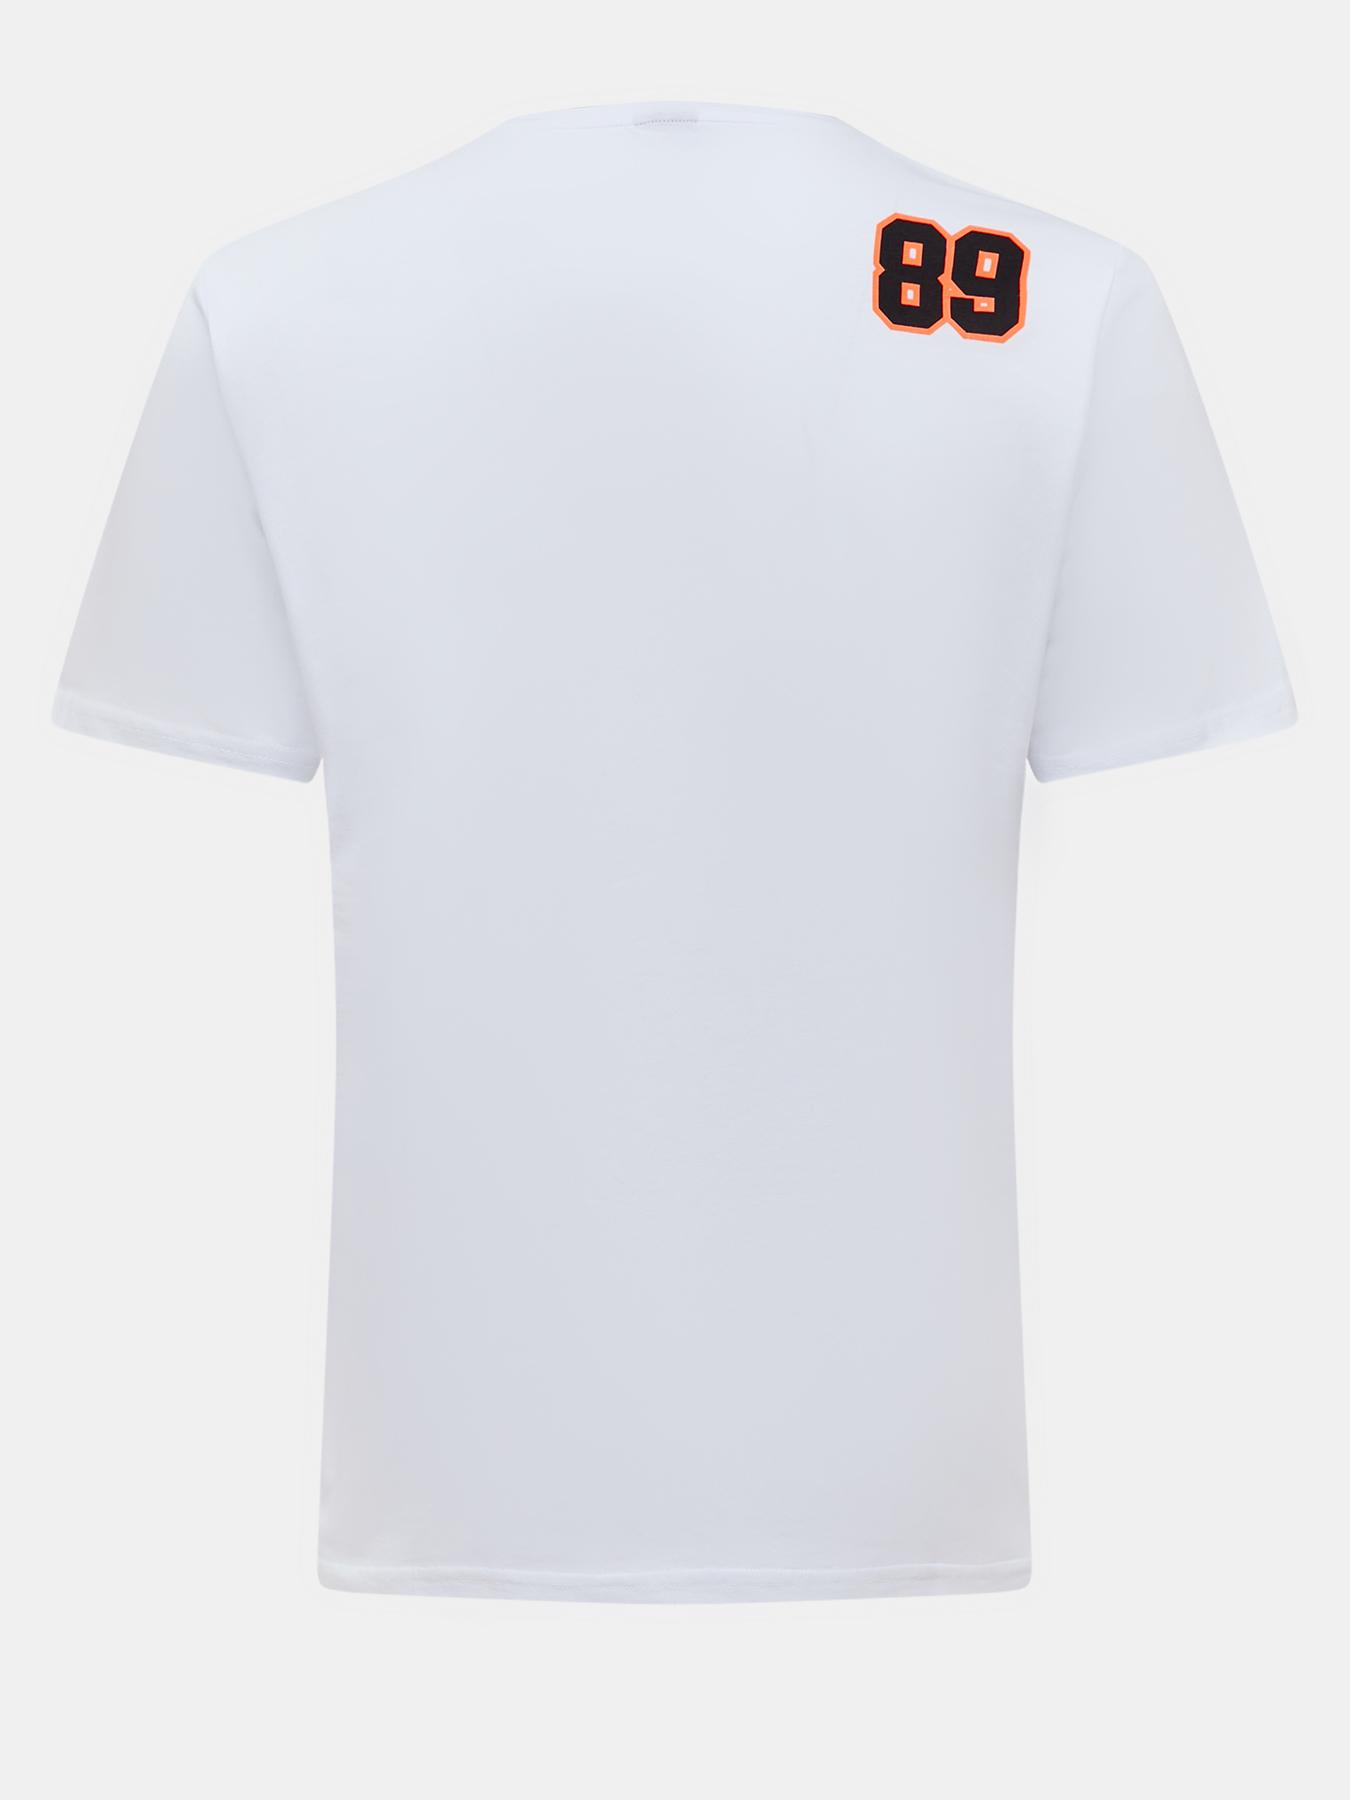 Фуфайка (футболка) Fire & Ice Футболка